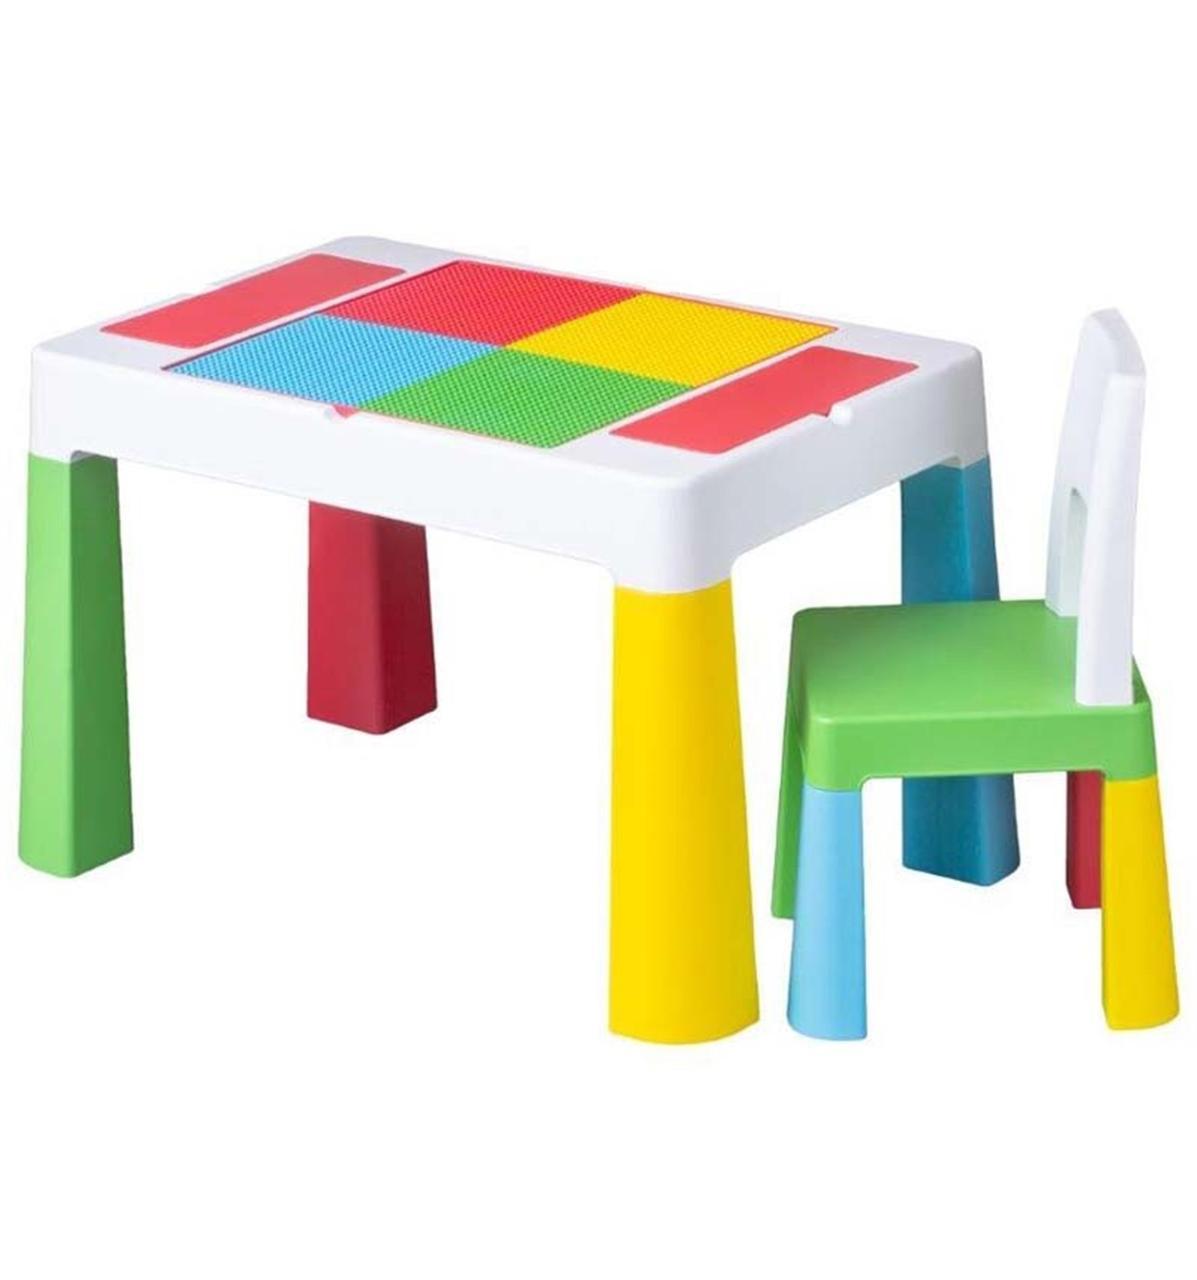 Комплект детской мебели TEGA BABY MULTIFUN (стол + стульчик) оригинал мультиколор